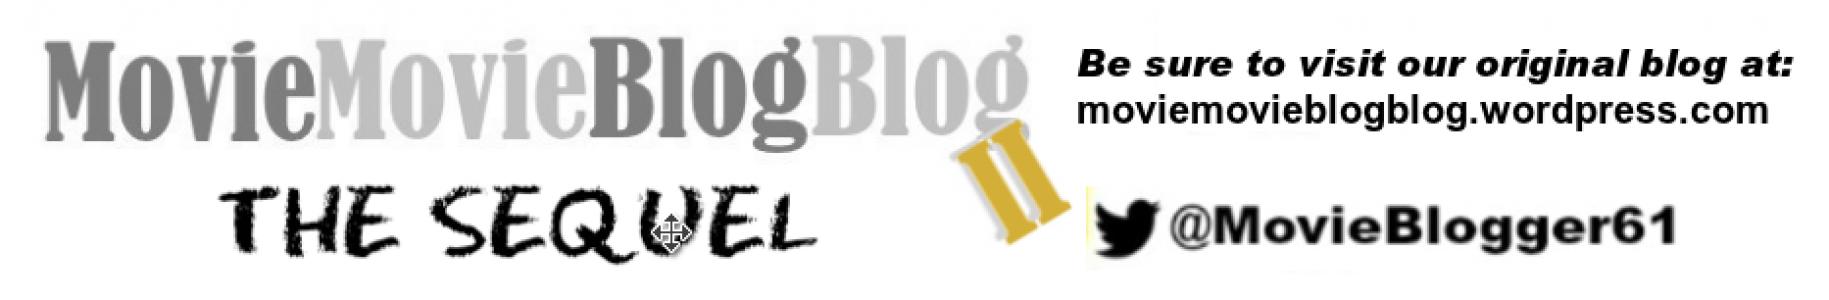 MovieMovieBlogBlog II